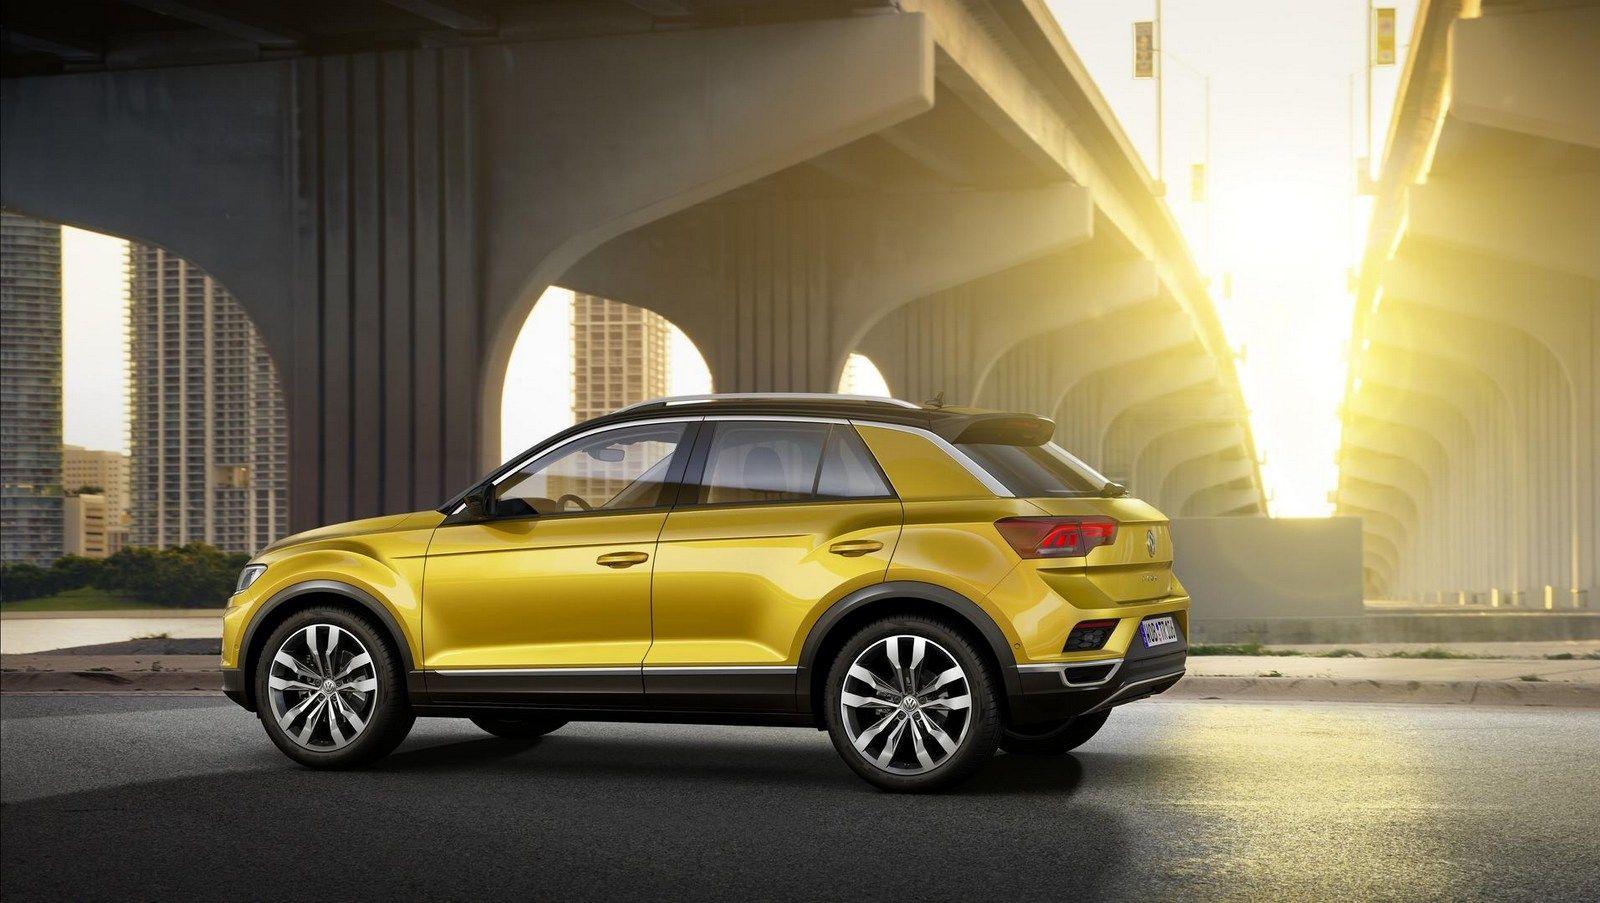 Volkswagen S T Roc Looks To Rock The Compact Crossover Market Carscoops Volkswagen Suv Volkswagen Models